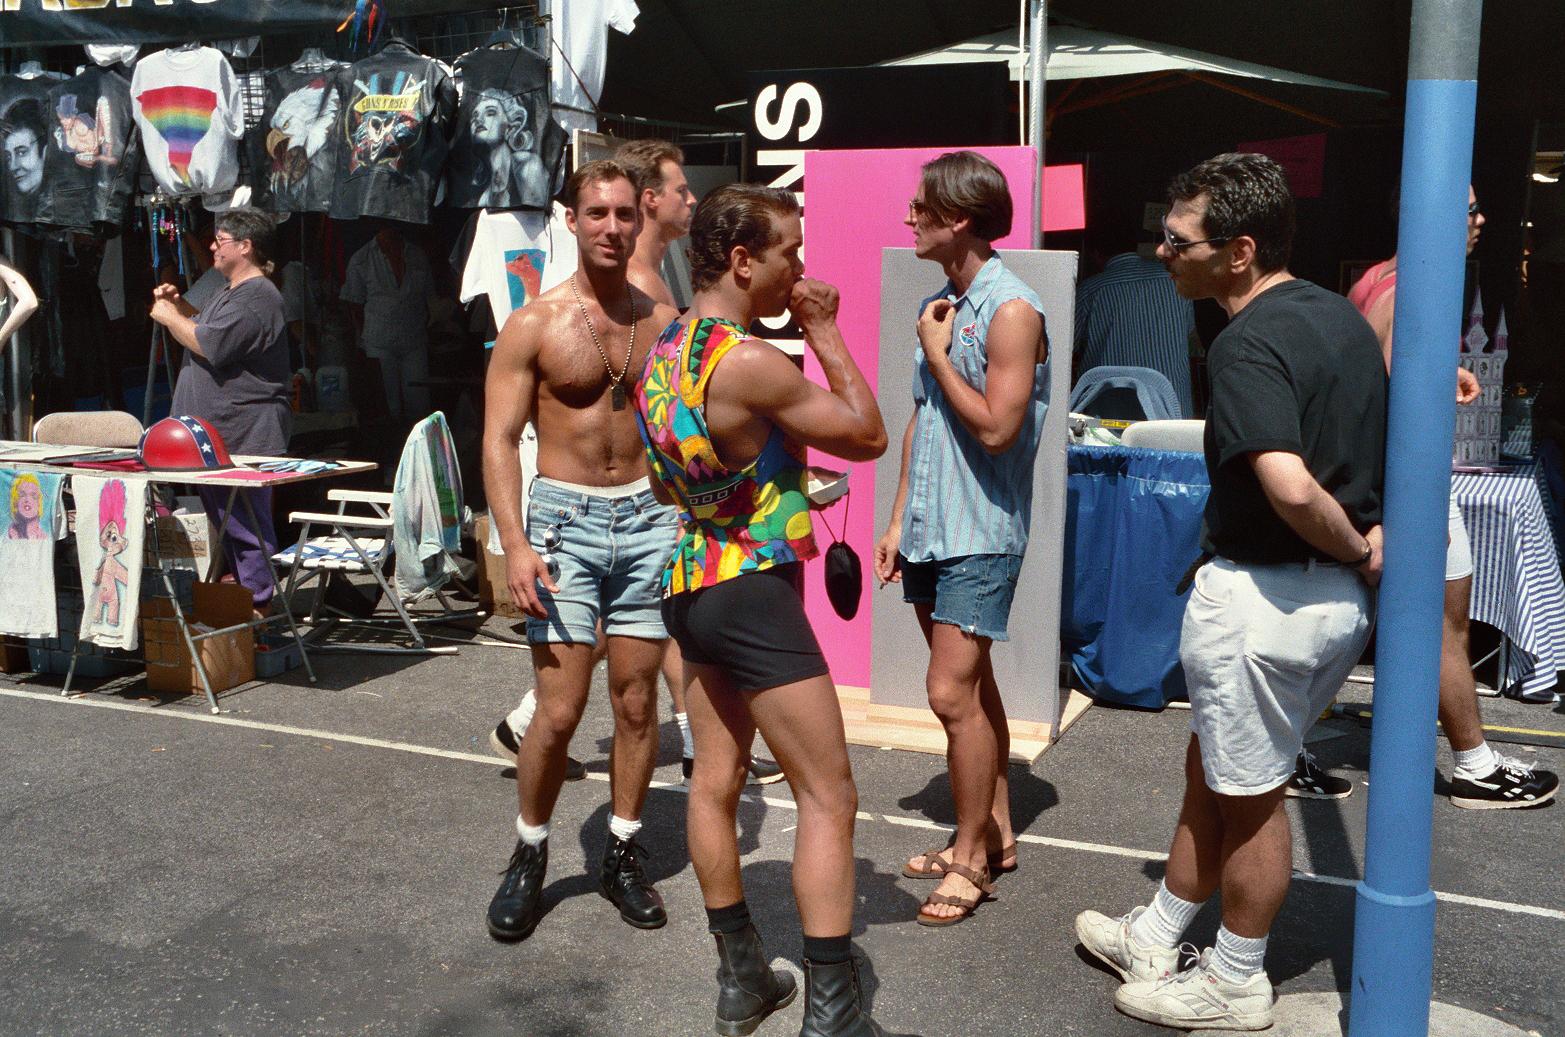 la-pride-1987-1995_22284288356_o